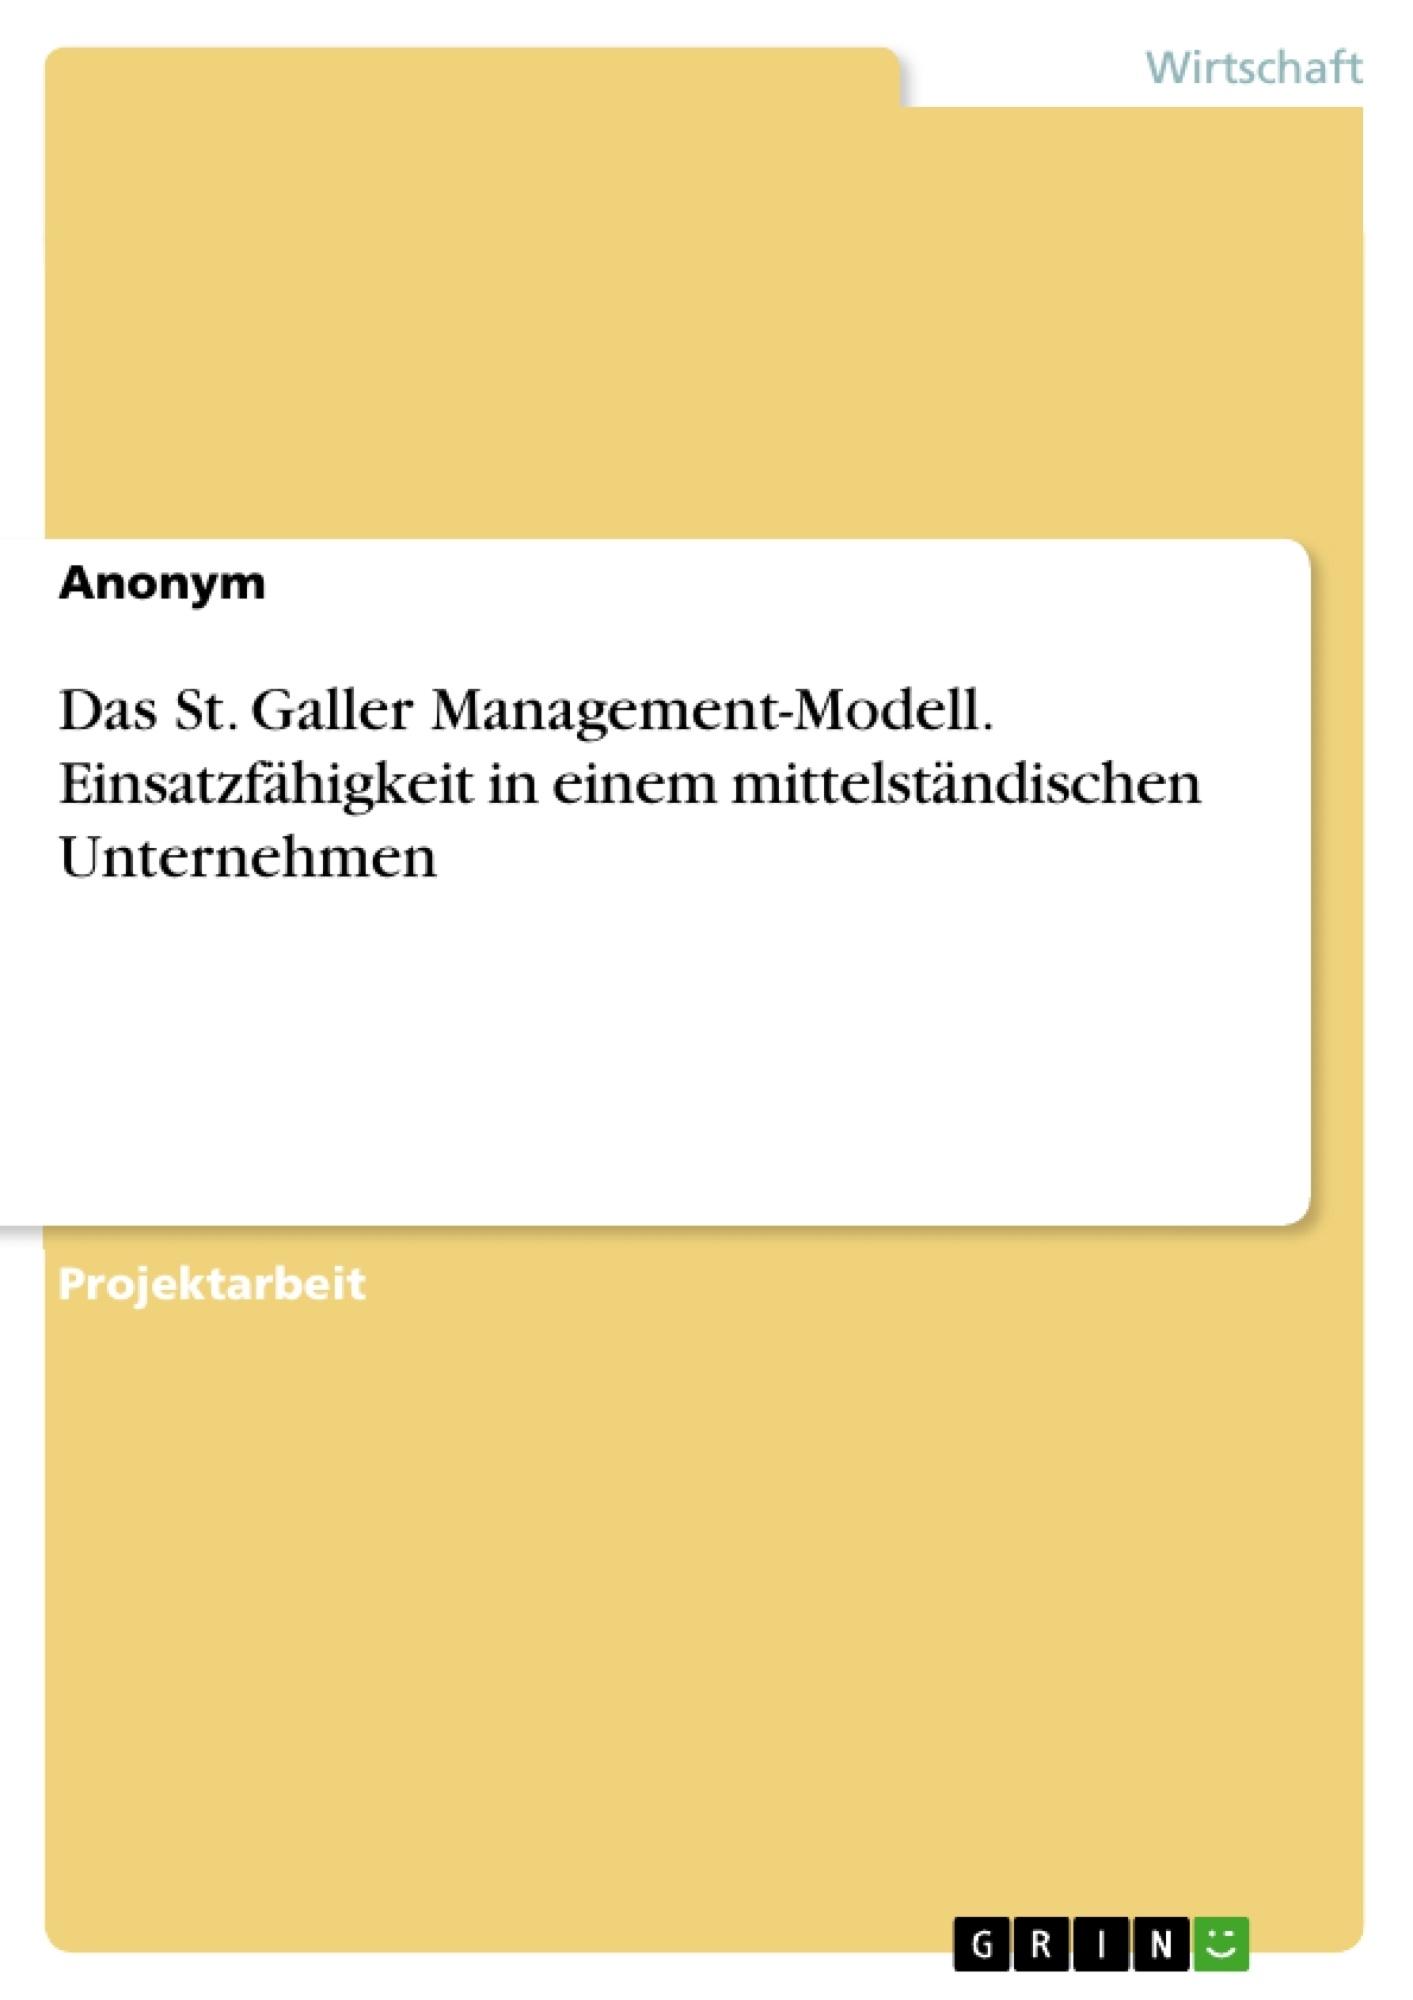 Titel: Das St. Galler Management-Modell. Einsatzfähigkeit in einem mittelständischen Unternehmen